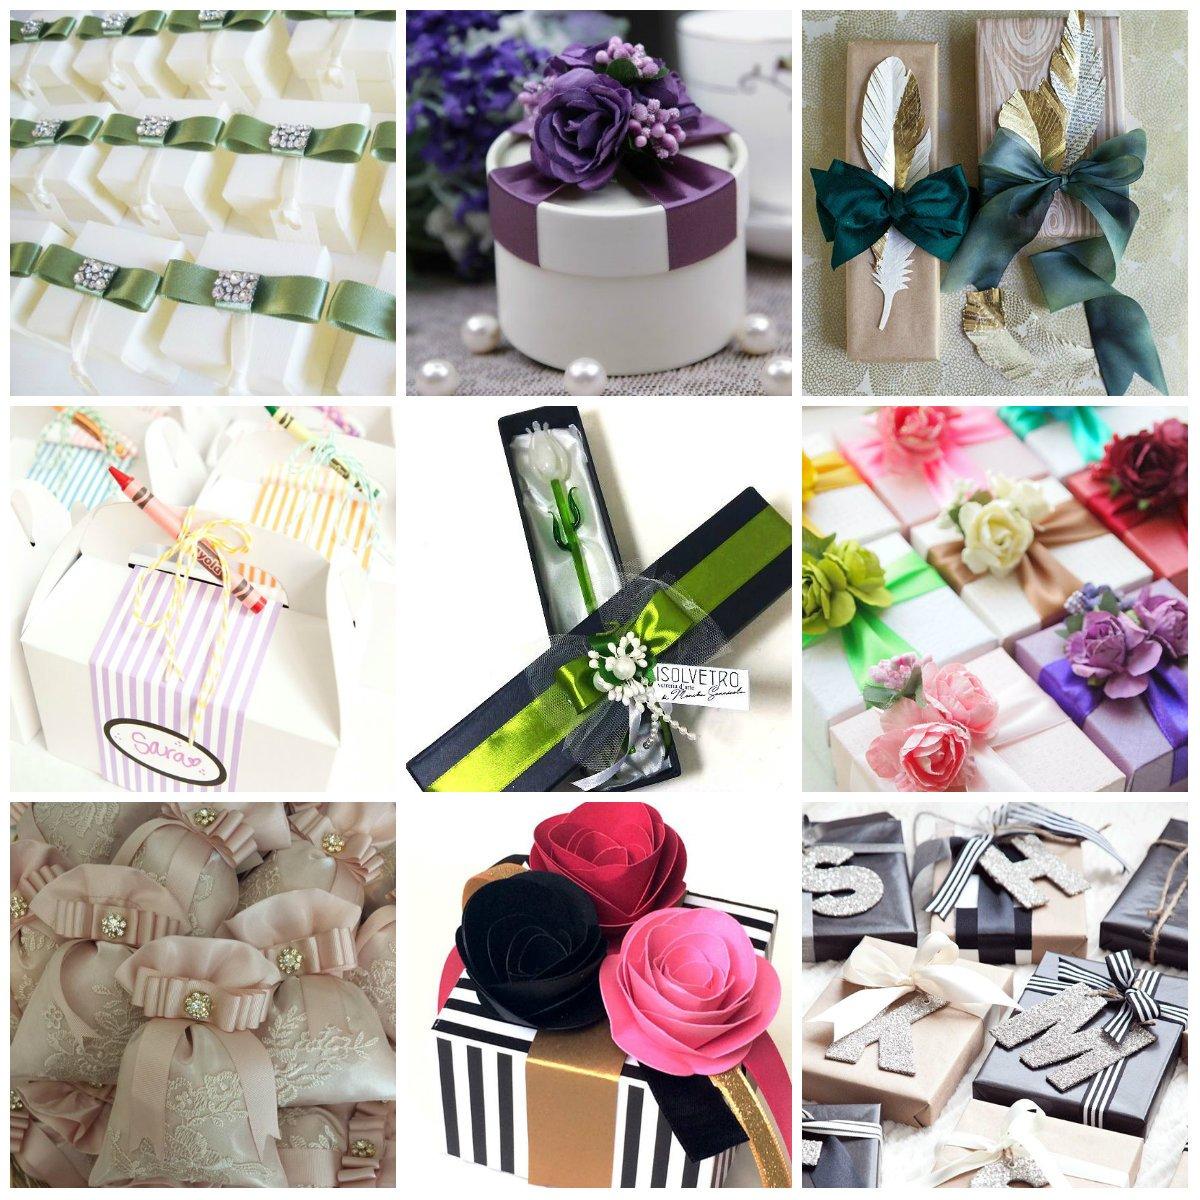 bomboniere di varie forme, colori e materiali